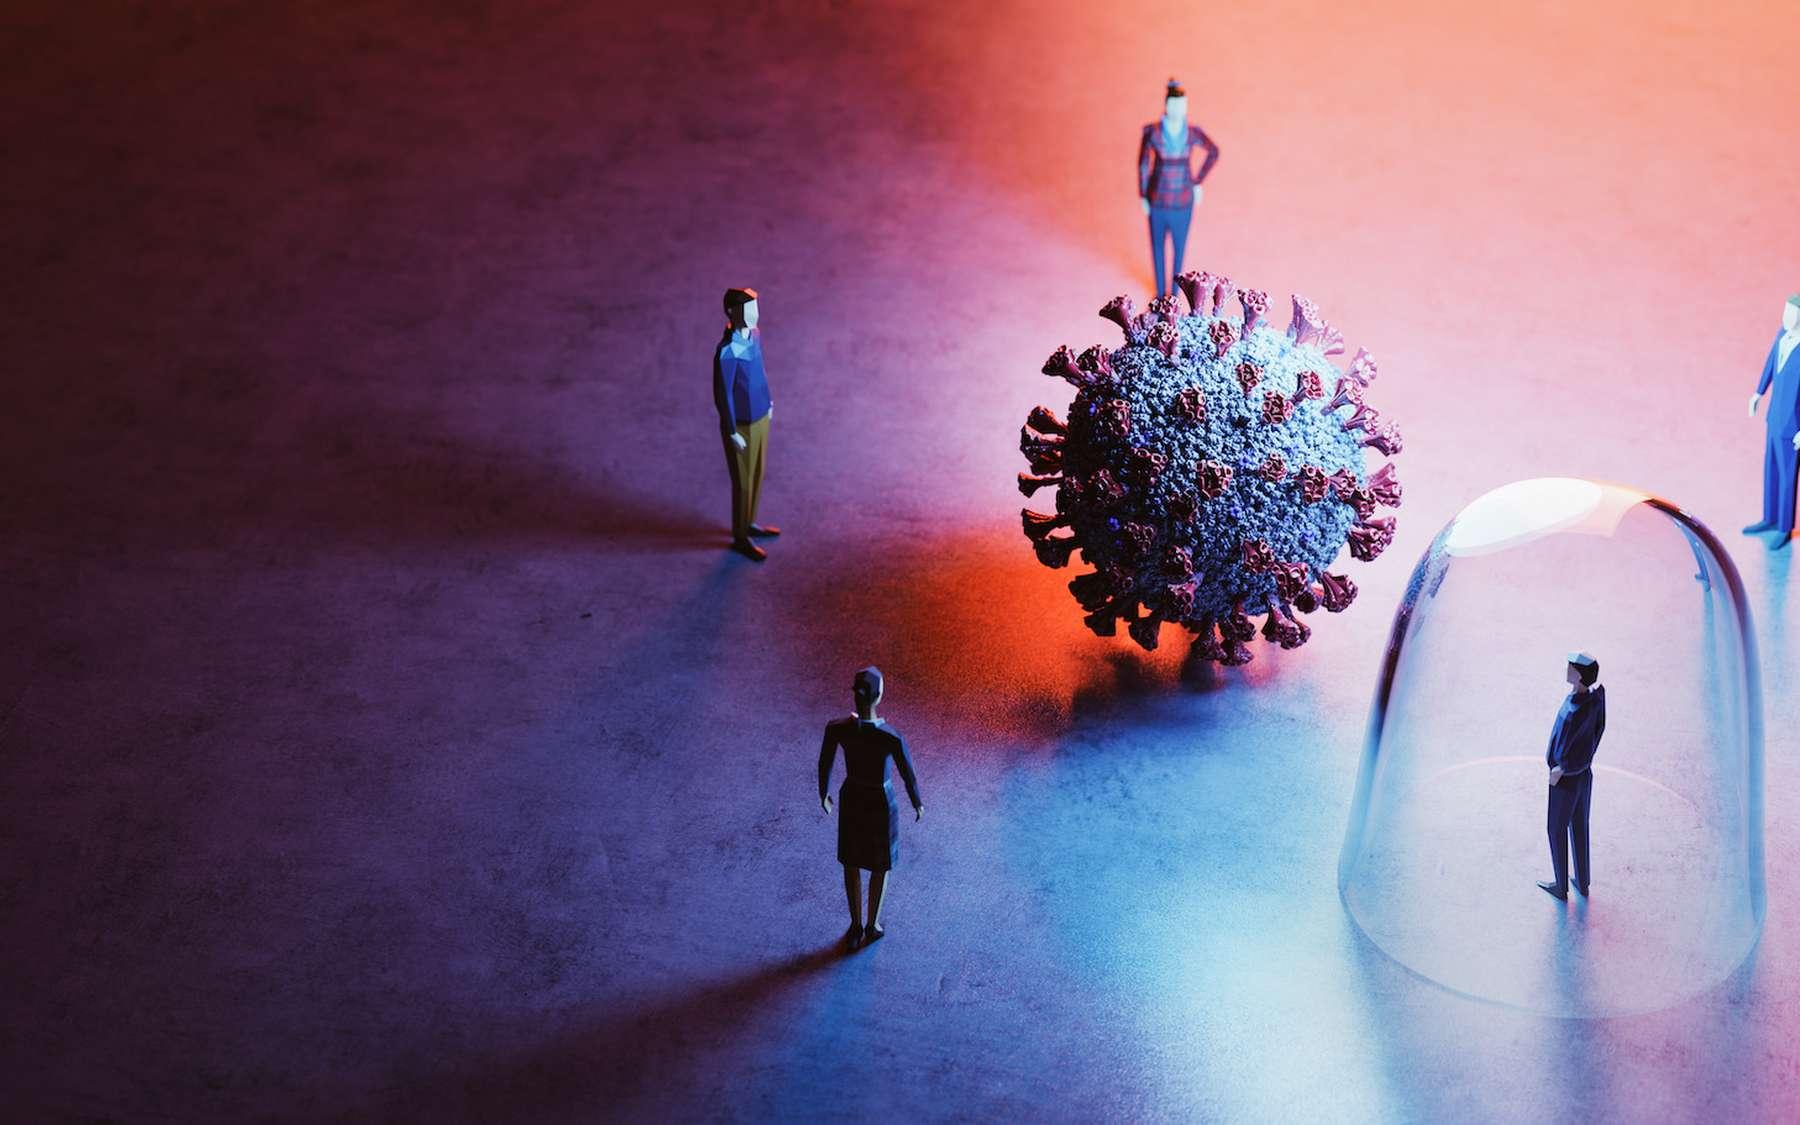 Quelle est la différence entre une immunité « naturelle » après une infection et une immunité conférée par un vaccin ? © Photocreo Bednarek, Adobe Stock